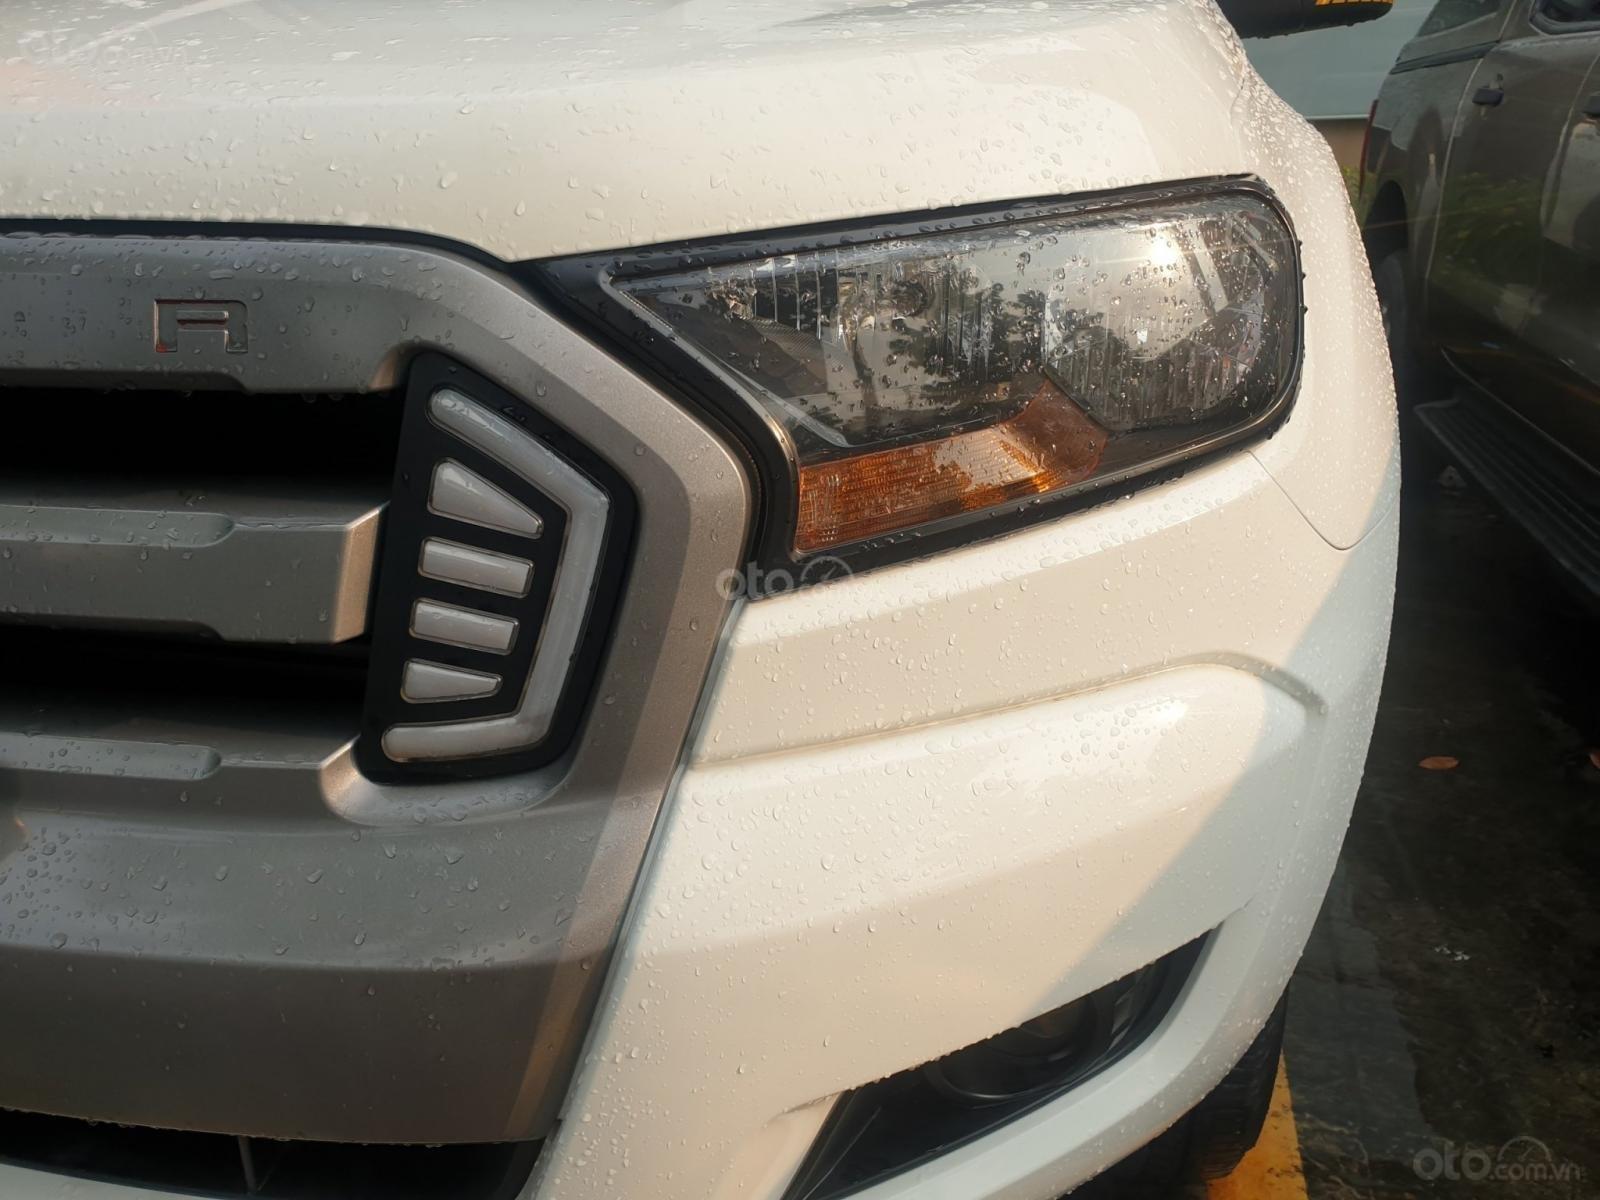 Ford Ranger sản xuất 2016, màu trắng, nhập Thái, hỗ trợ vay 70% - bảo hành 01 năm 0934146093 (2)